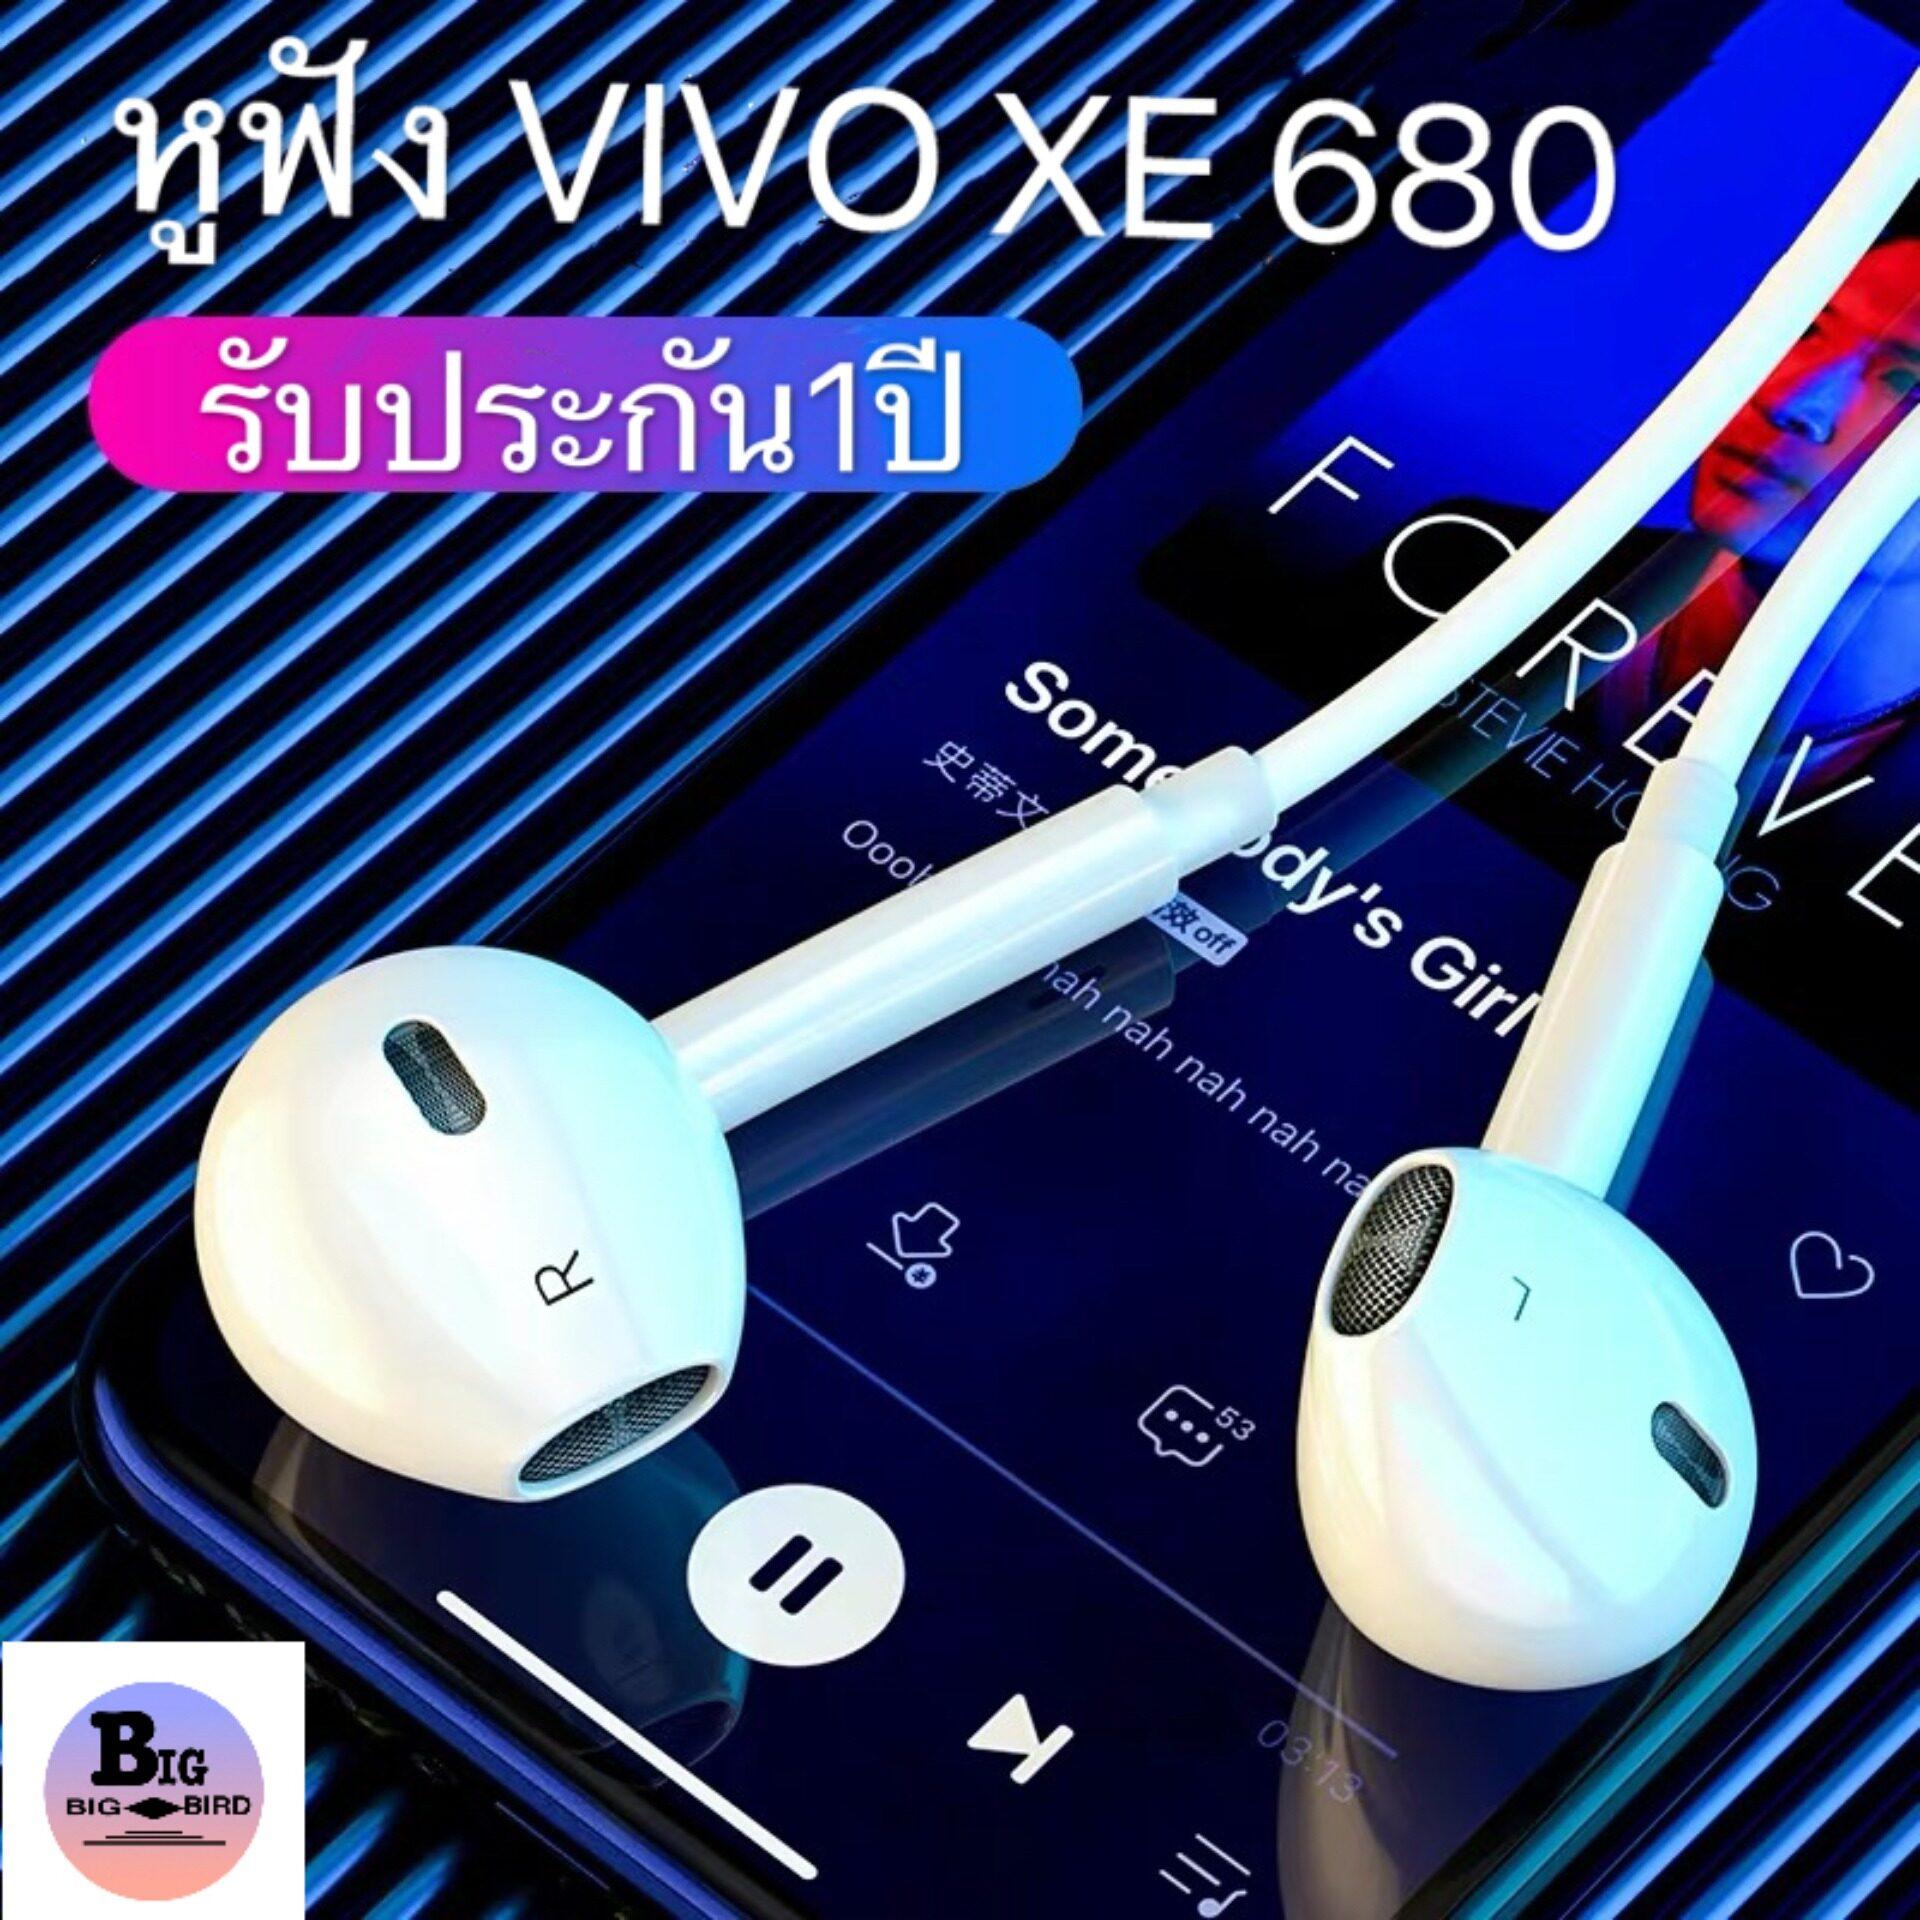 หูฟัง VIVO XE680 ของแท้ อินเอียร์ พร้อมแผงควบคุมอัจฉริยะ และไมโครโฟนในตัว ใช้กับช่องเสียบขนาด 3.5 mm รองรับ ใช้ได้กับV9 V7+ V7 V5s V5Lite V5Plus V5 V3Max V3 Series y83 x7 x6 x20 x21 y79 y66 y75 y85 y67 x9splus รับประกัน 1 ปี จากโรงงานvivoแท้ ิBY BIGBIRD